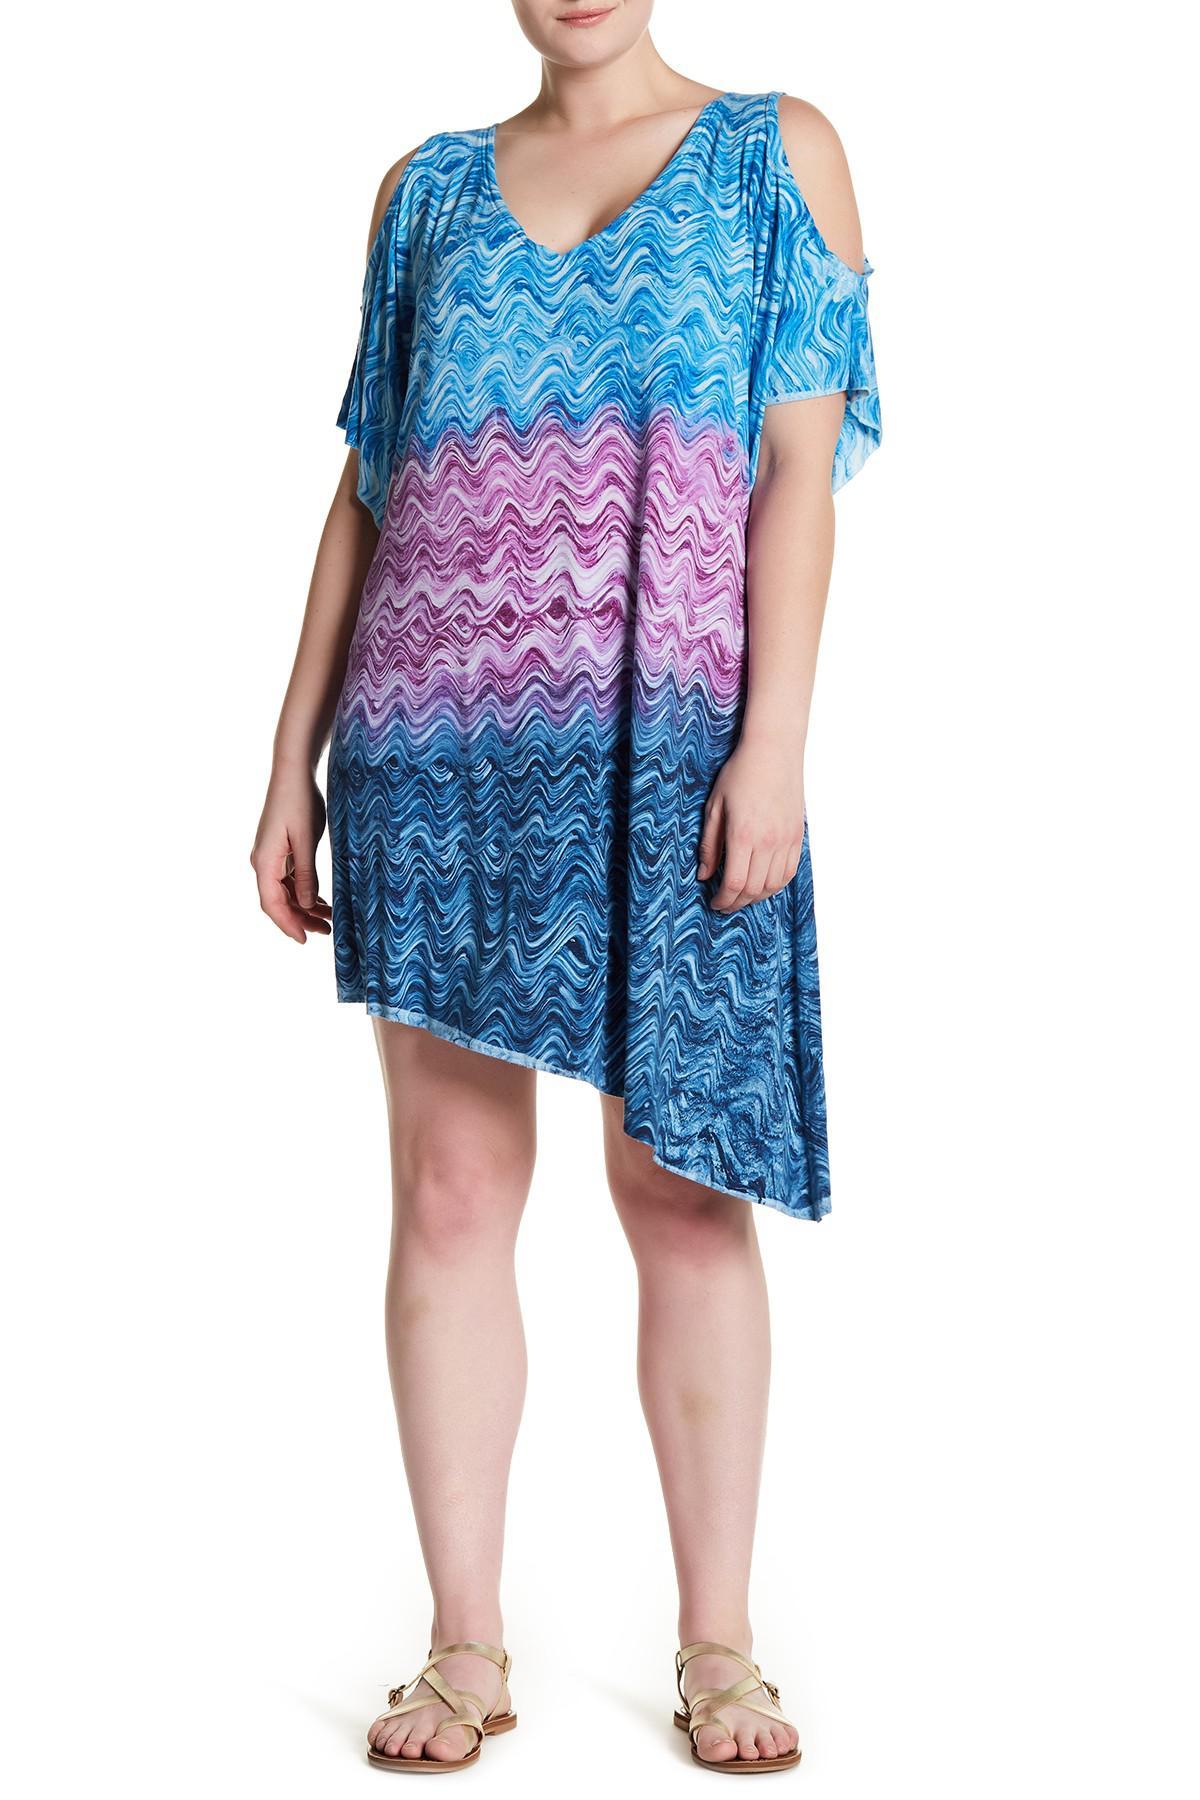 660a75bdf6e7 Lyst - Becca Cosmic Print Cold Shoulder Dress (plus Size) in Blue